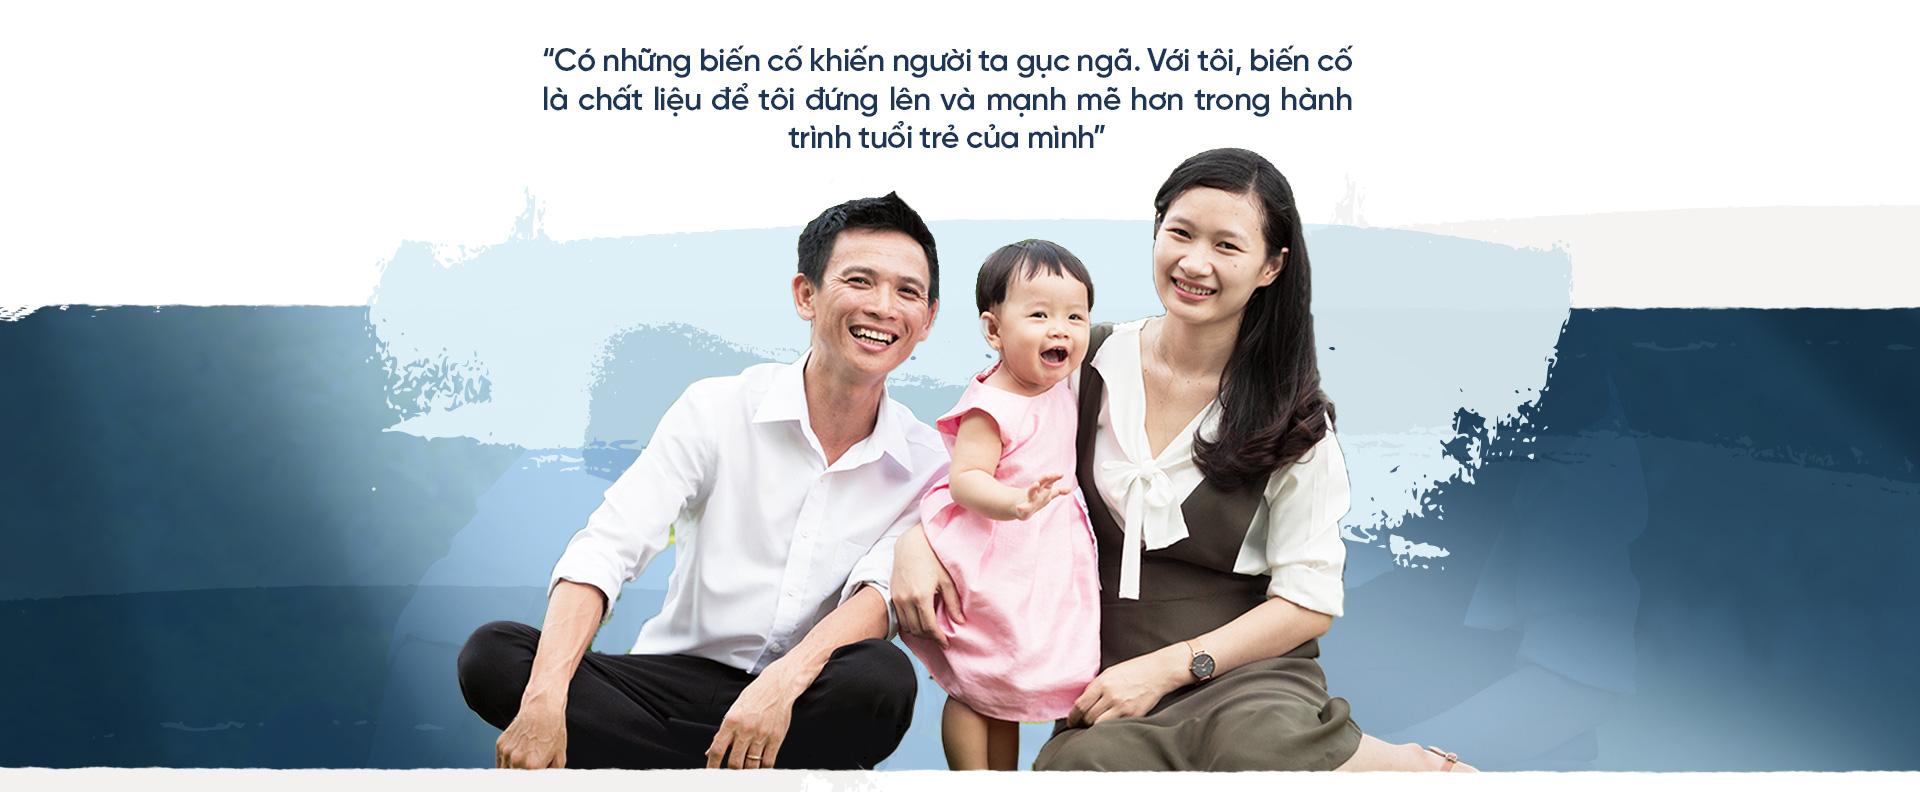 Nguyễn Thanh Đàm: Ở tận cùng đớn đau, là hi vọng - Ảnh 16.